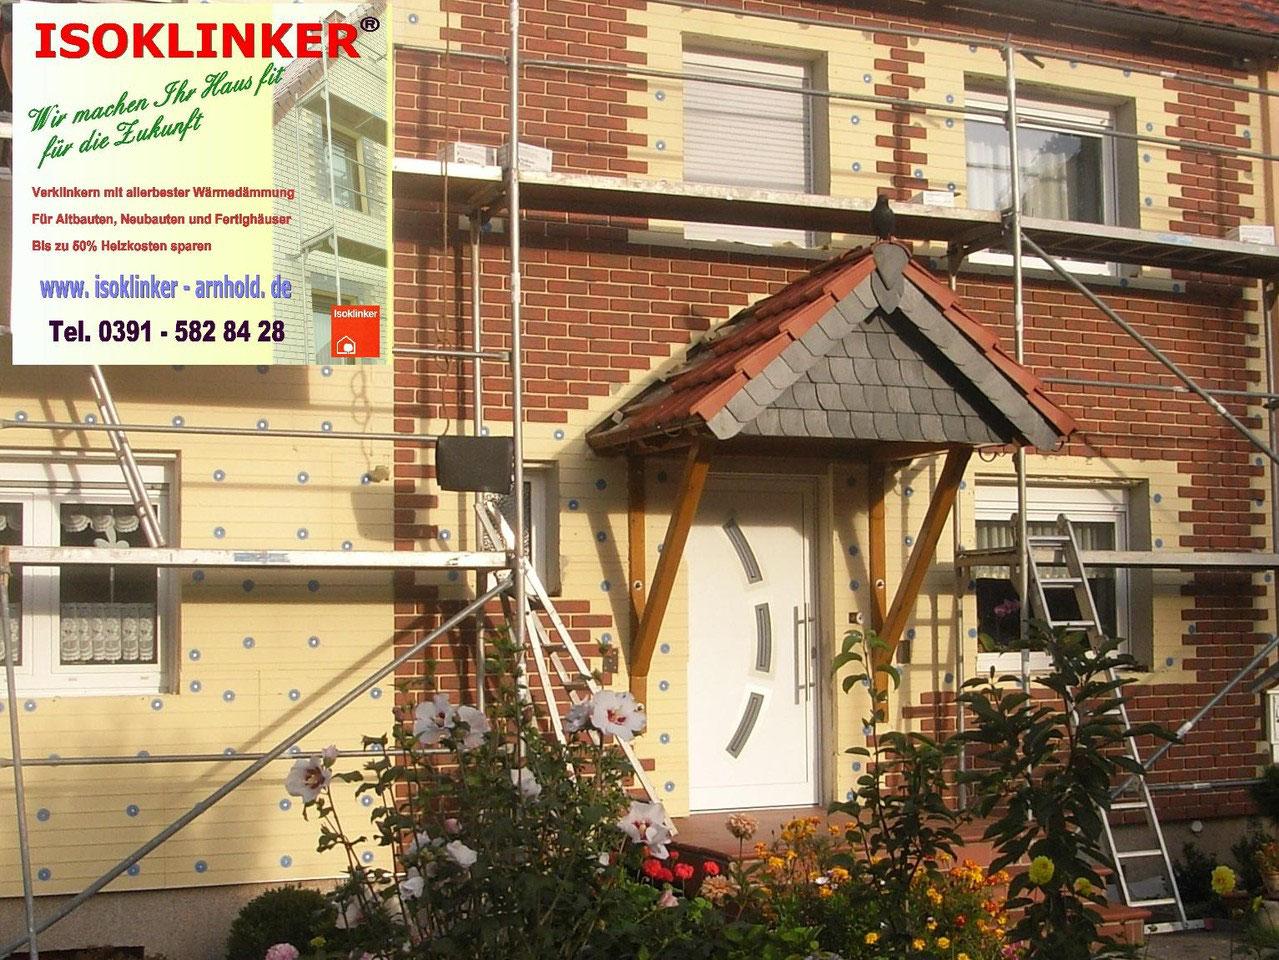 Häufig ISOKLINKER - Arnhold - Mit modernen Bauelementen Energie sparen BW32